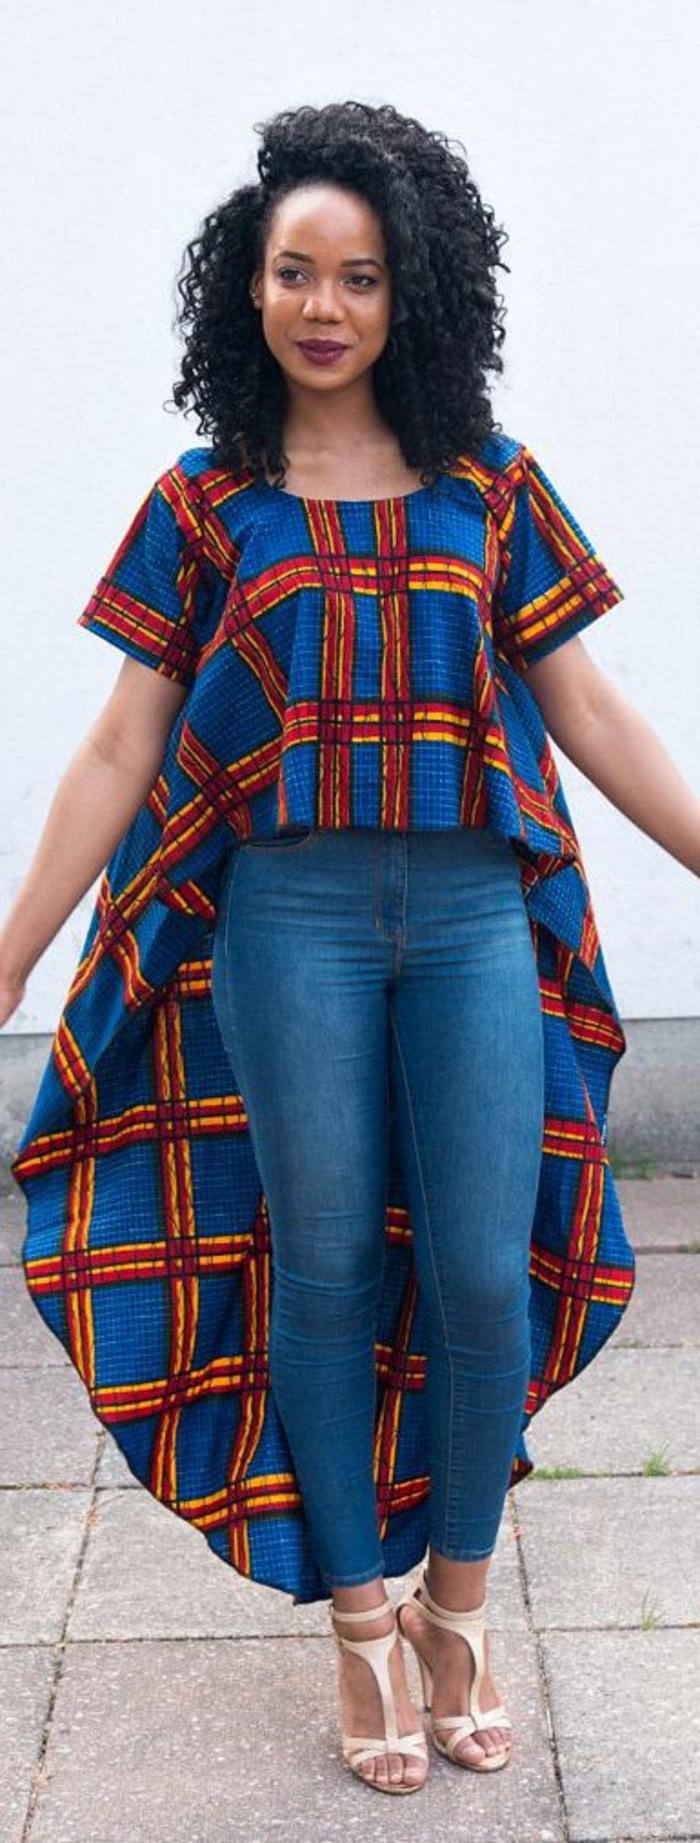 fotos de prendas bonitas con estampados africanos, mujer con vaqueros y blusa en azul y naranja